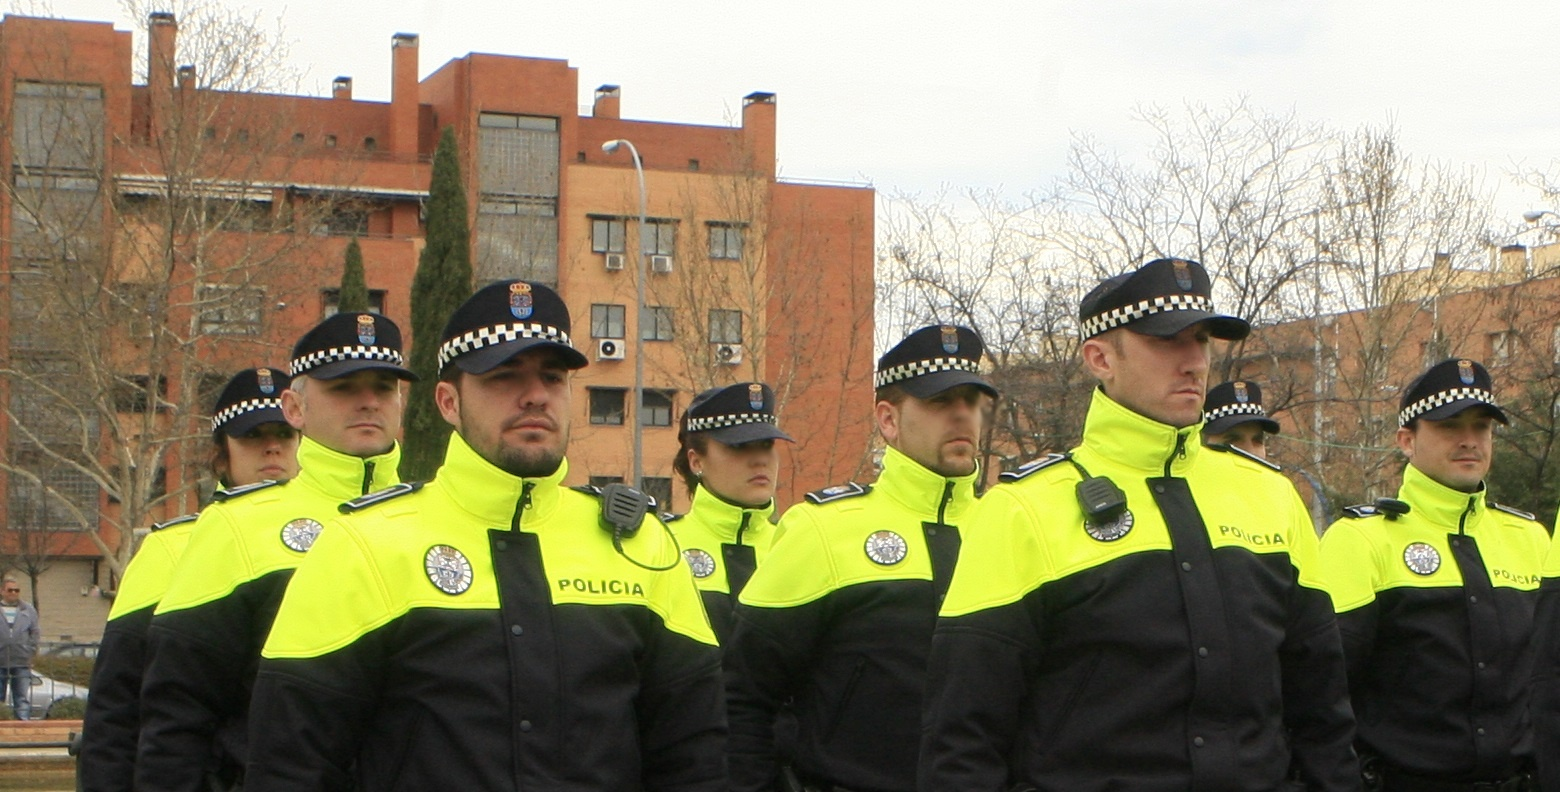 Ayuntamiento pone en marcha una plan preventivo para erradicar el uso de armas blancas